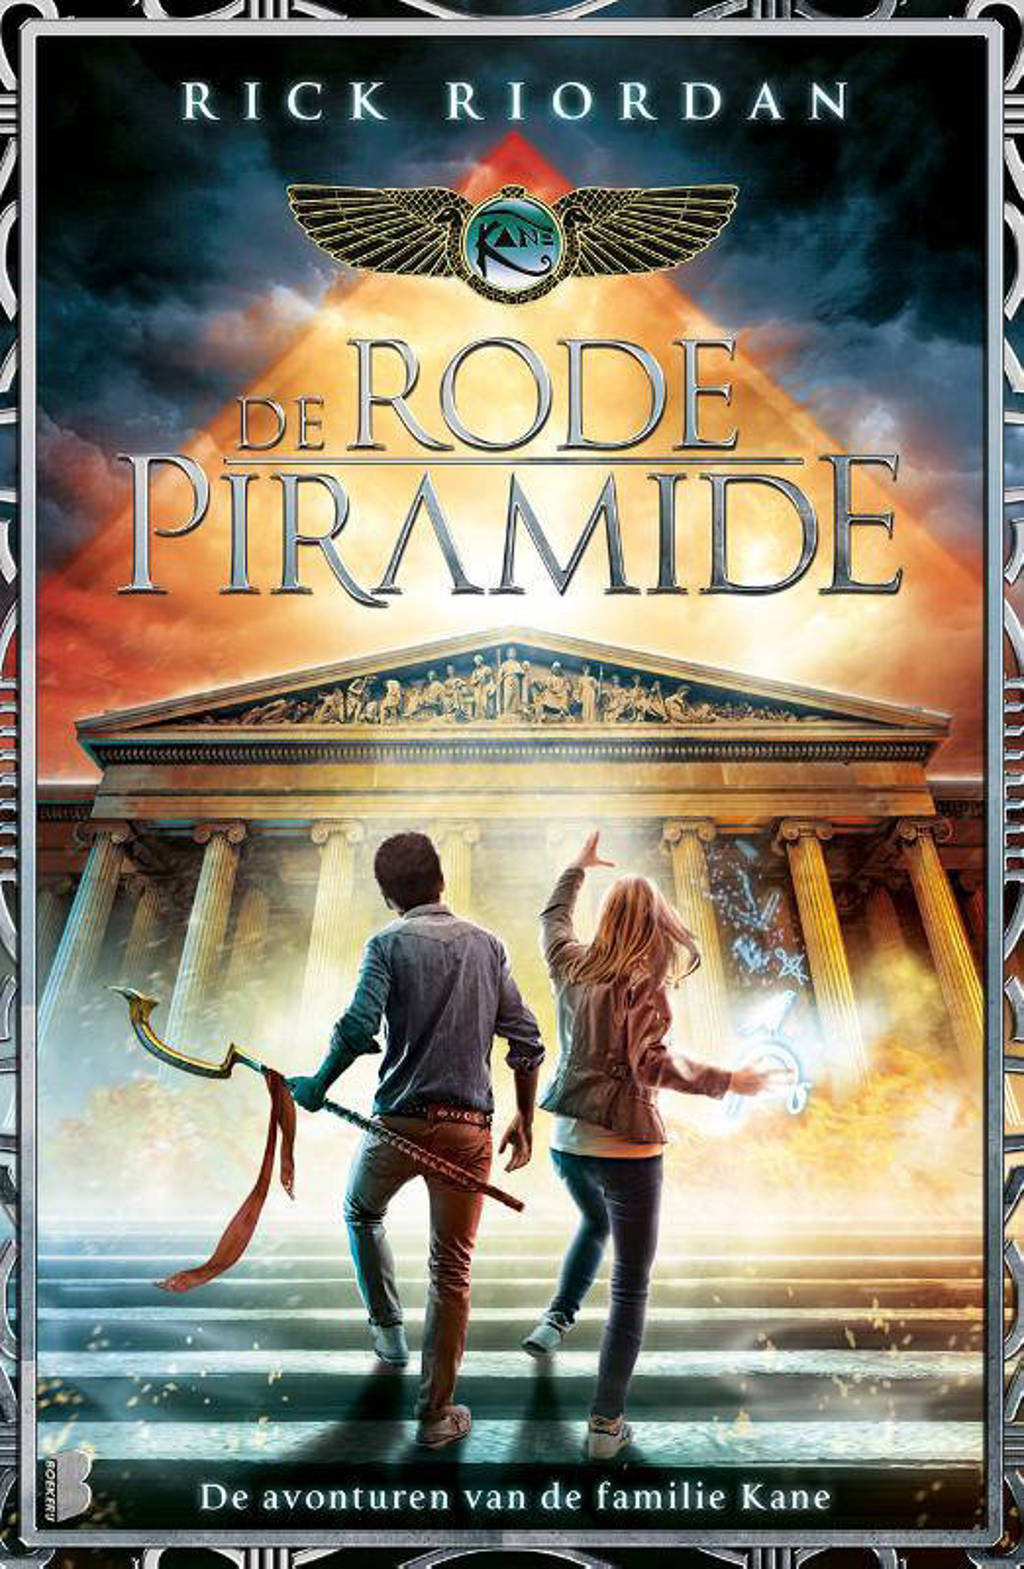 De avonturen van de familie Kane: De rode piramide - Rick Riordan